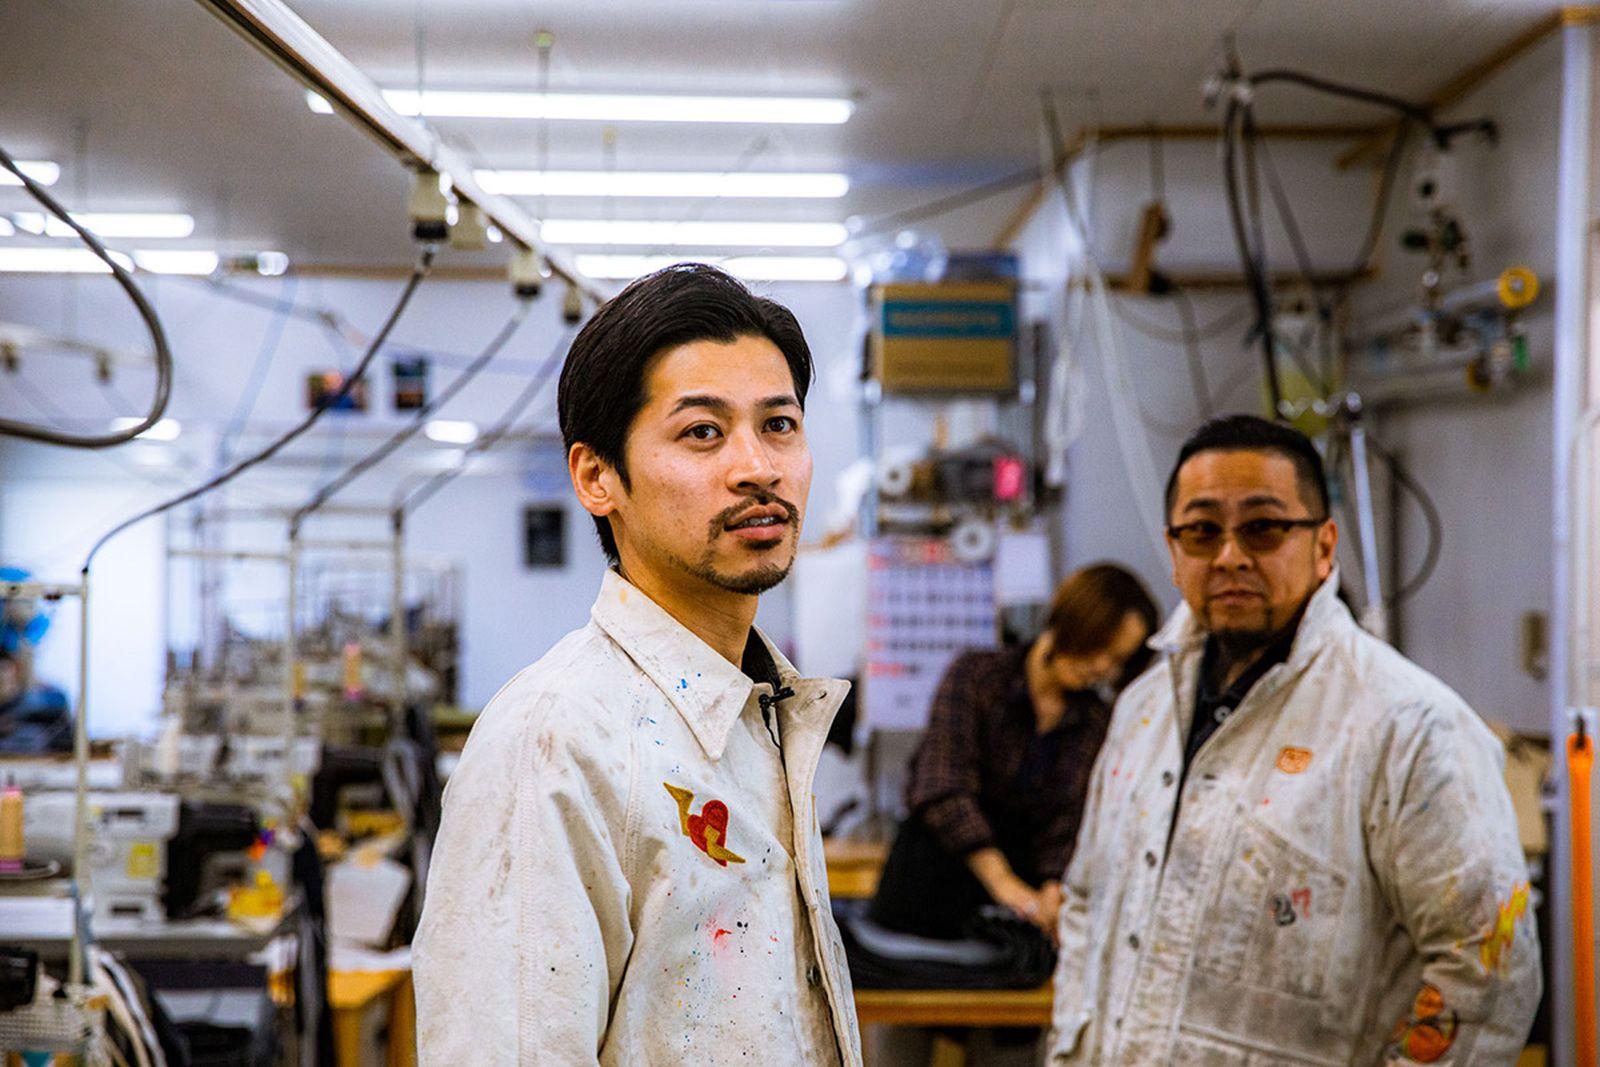 meet-pallet-life-story-japans-famed-denim-hub-15